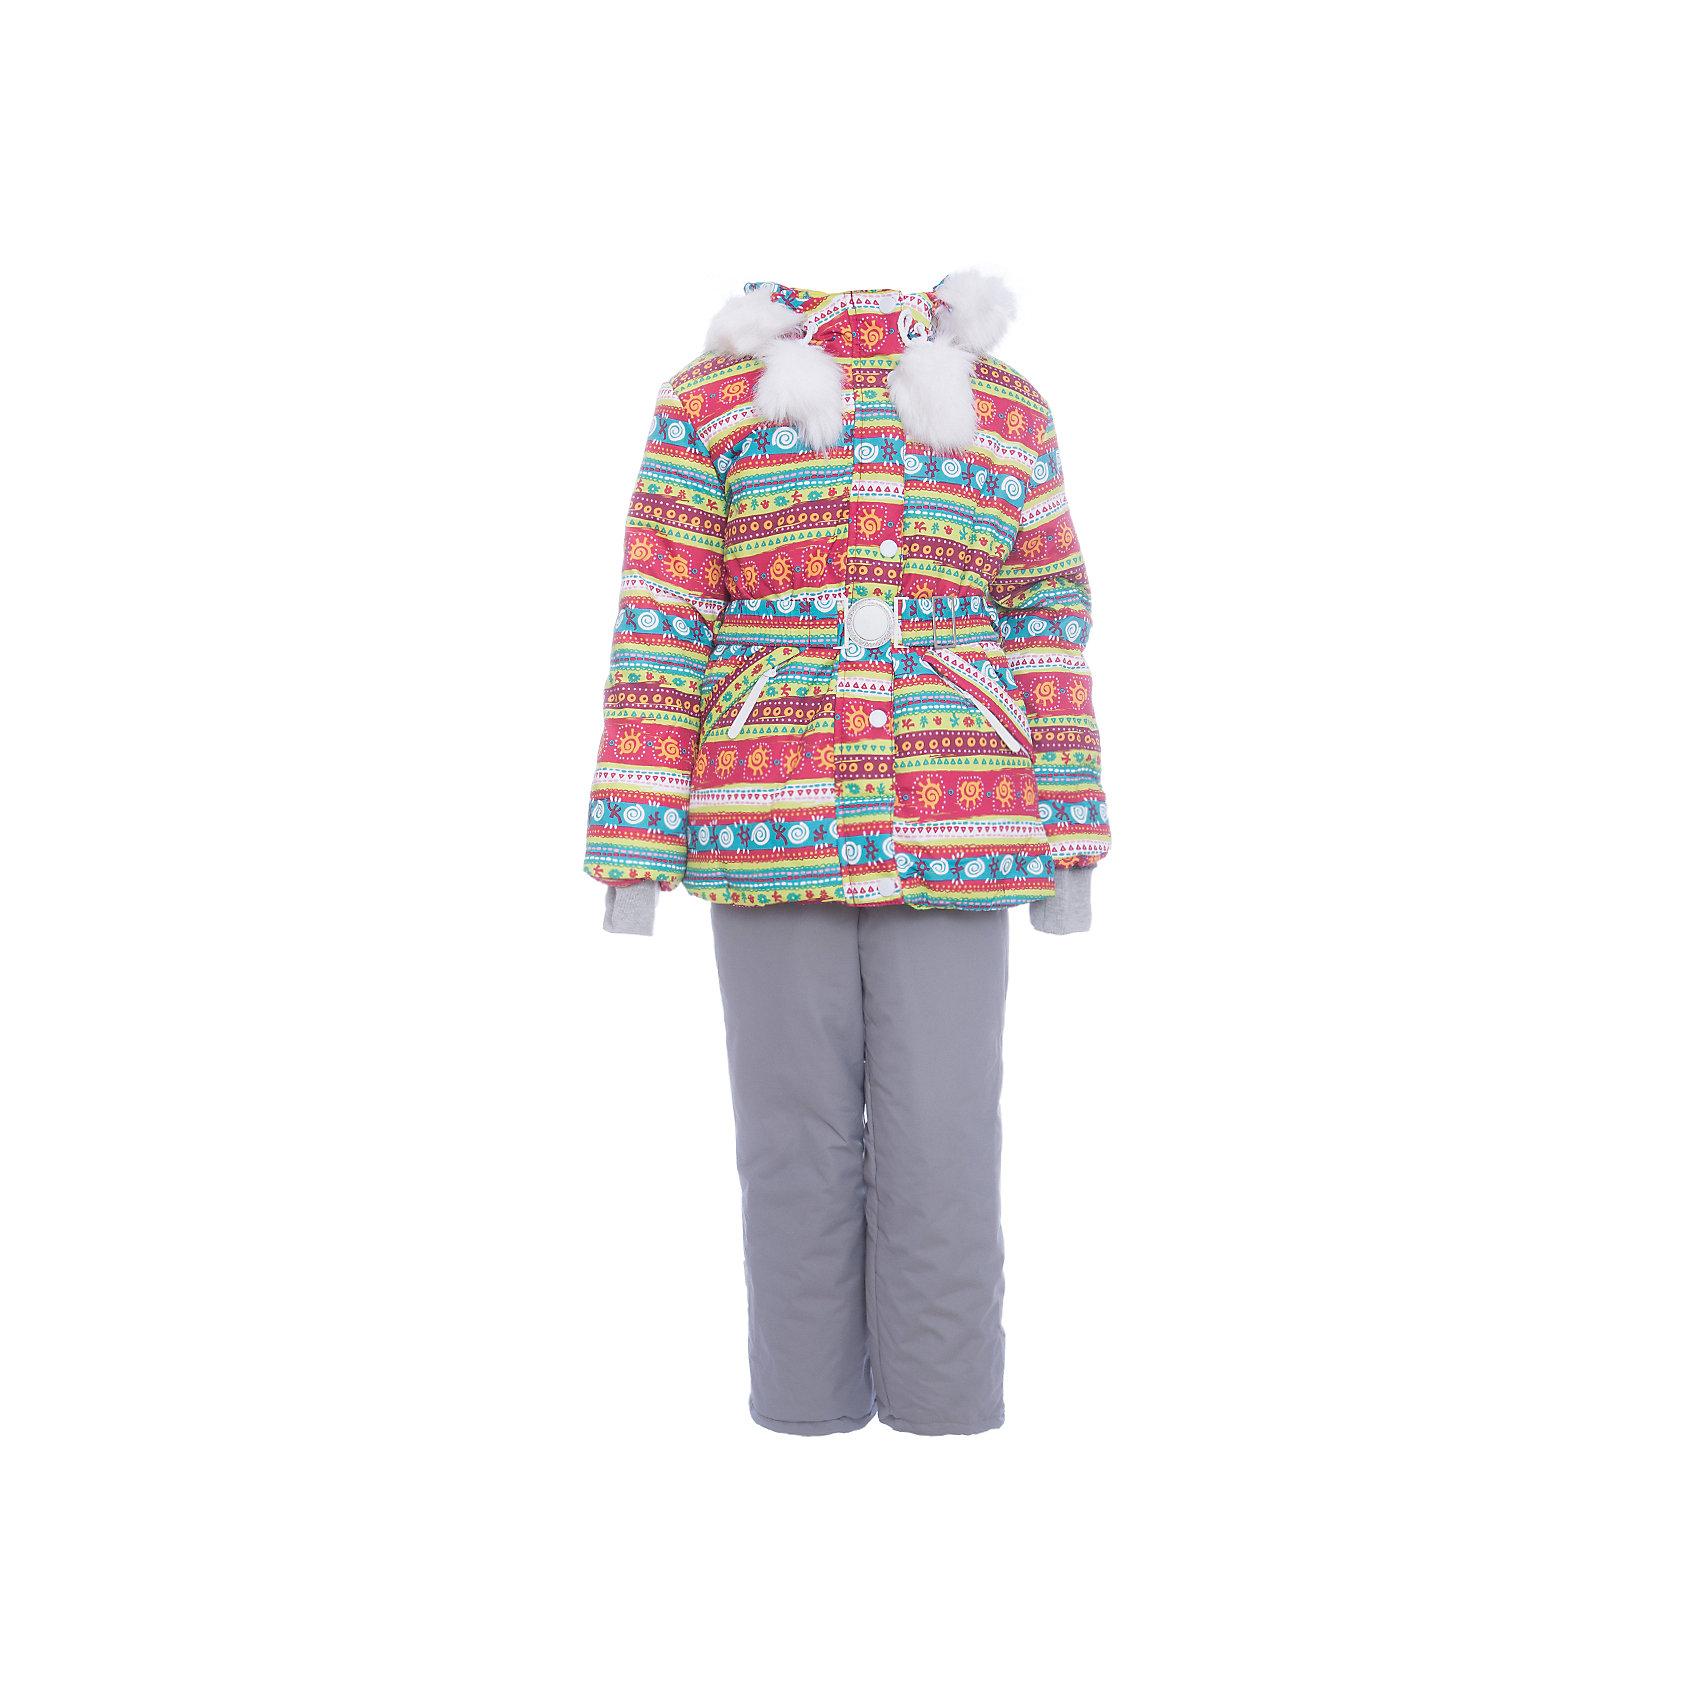 Комплект: куртка и полукомбенизон Майя Batik для девочкиВерхняя одежда<br>Комплект: куртка и полукомбенизон Майя Batik для девочки <br>Верхняя ткань обладает водоотталкивающими и ветрозащитными свойствами мембраны. Куртка на молнии с ветрозащитной планкой, светоотражающими элементами и поясом на талии. Полукомбинезон на молнии с регулируемыми лямками и силиконовыми штрипками для ботинок. Капюшон на молнии со съемной опушкой. В комплекте идет толстовка.<br>Состав:<br>Ткань верха - TASLON OXFORD;  Утеплитель - Слайтекс 350;  Подкладка - Полар флис;<br><br>Ширина мм: 356<br>Глубина мм: 10<br>Высота мм: 245<br>Вес г: 519<br>Цвет: зеленый<br>Возраст от месяцев: 84<br>Возраст до месяцев: 96<br>Пол: Женский<br>Возраст: Детский<br>Размер: 128,110,116,122<br>SKU: 7028219